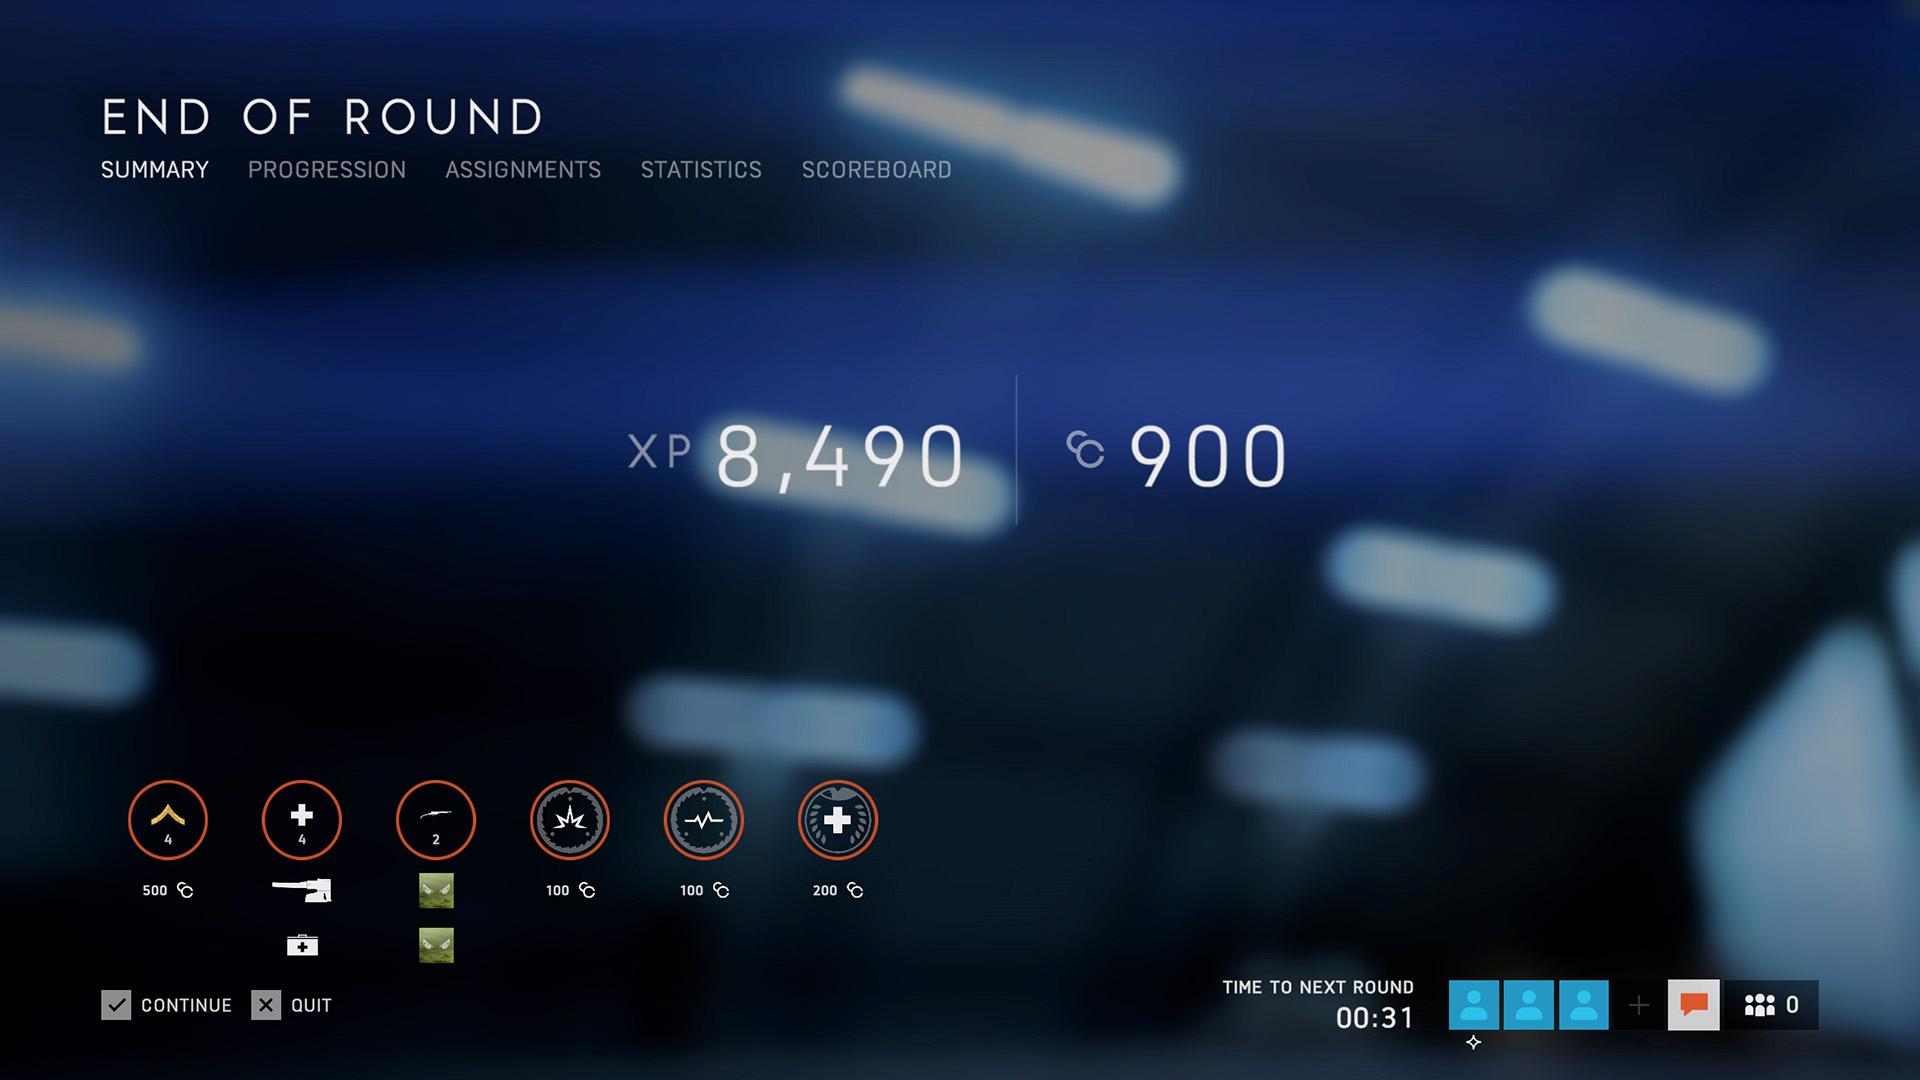 Battlefield V Screenshot 2018_0005_Battlefield V Screenshot 2018.11.11 - 20.56.55.19.jpg